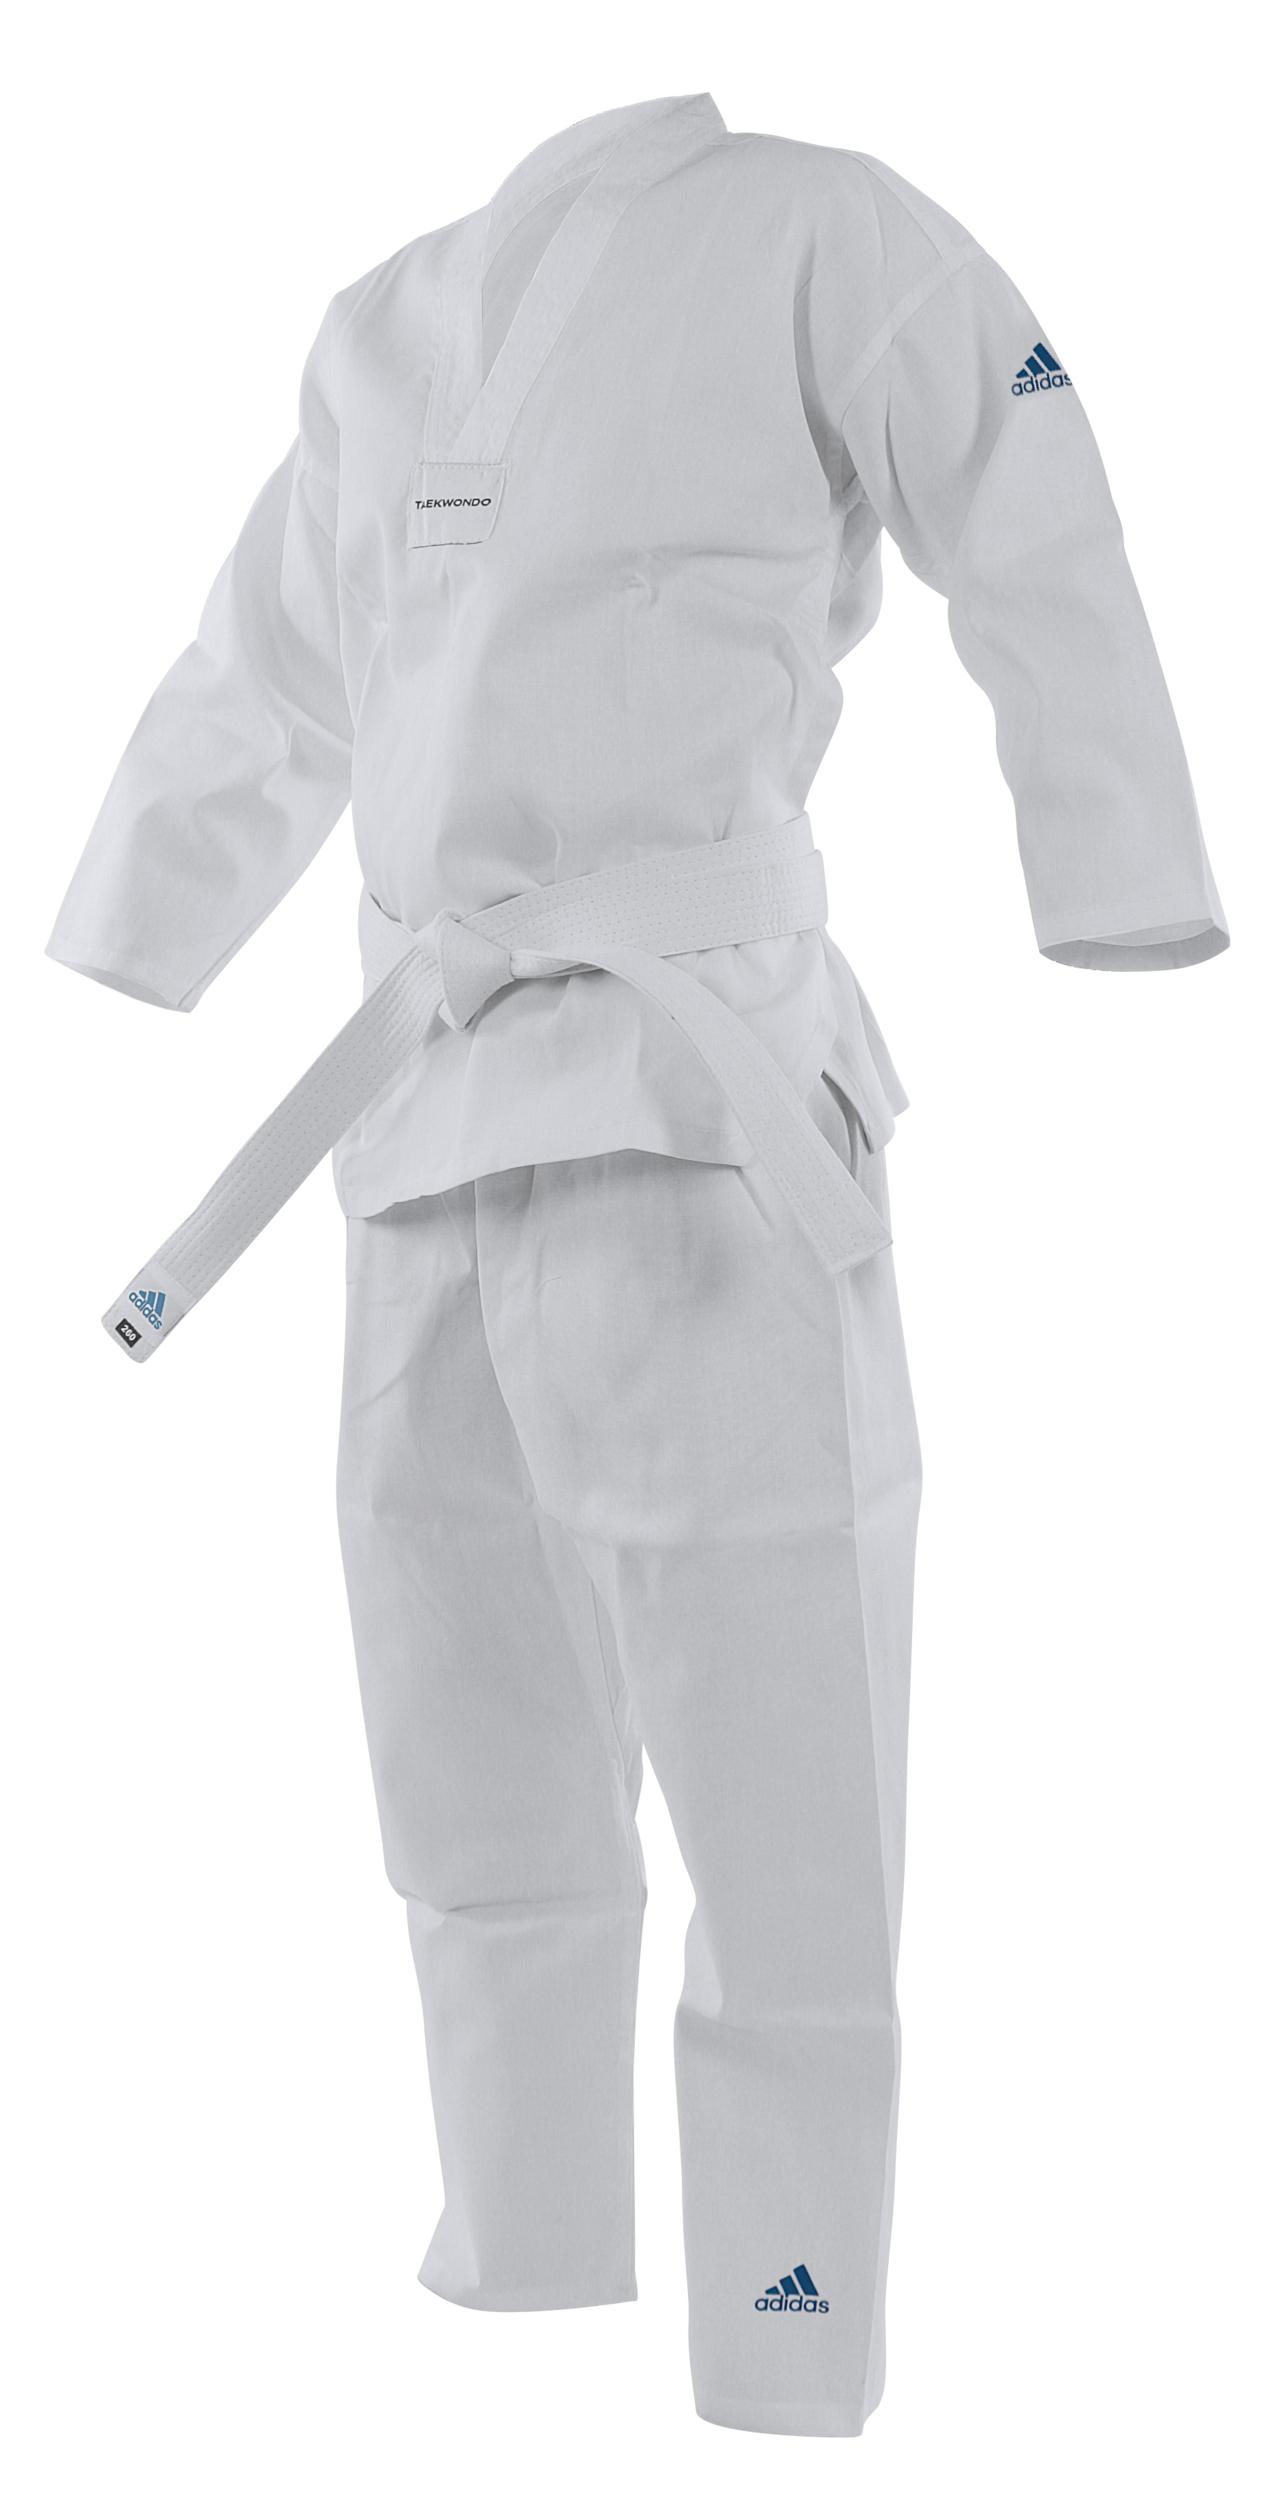 Dobok Taekwondo enfant Adidas